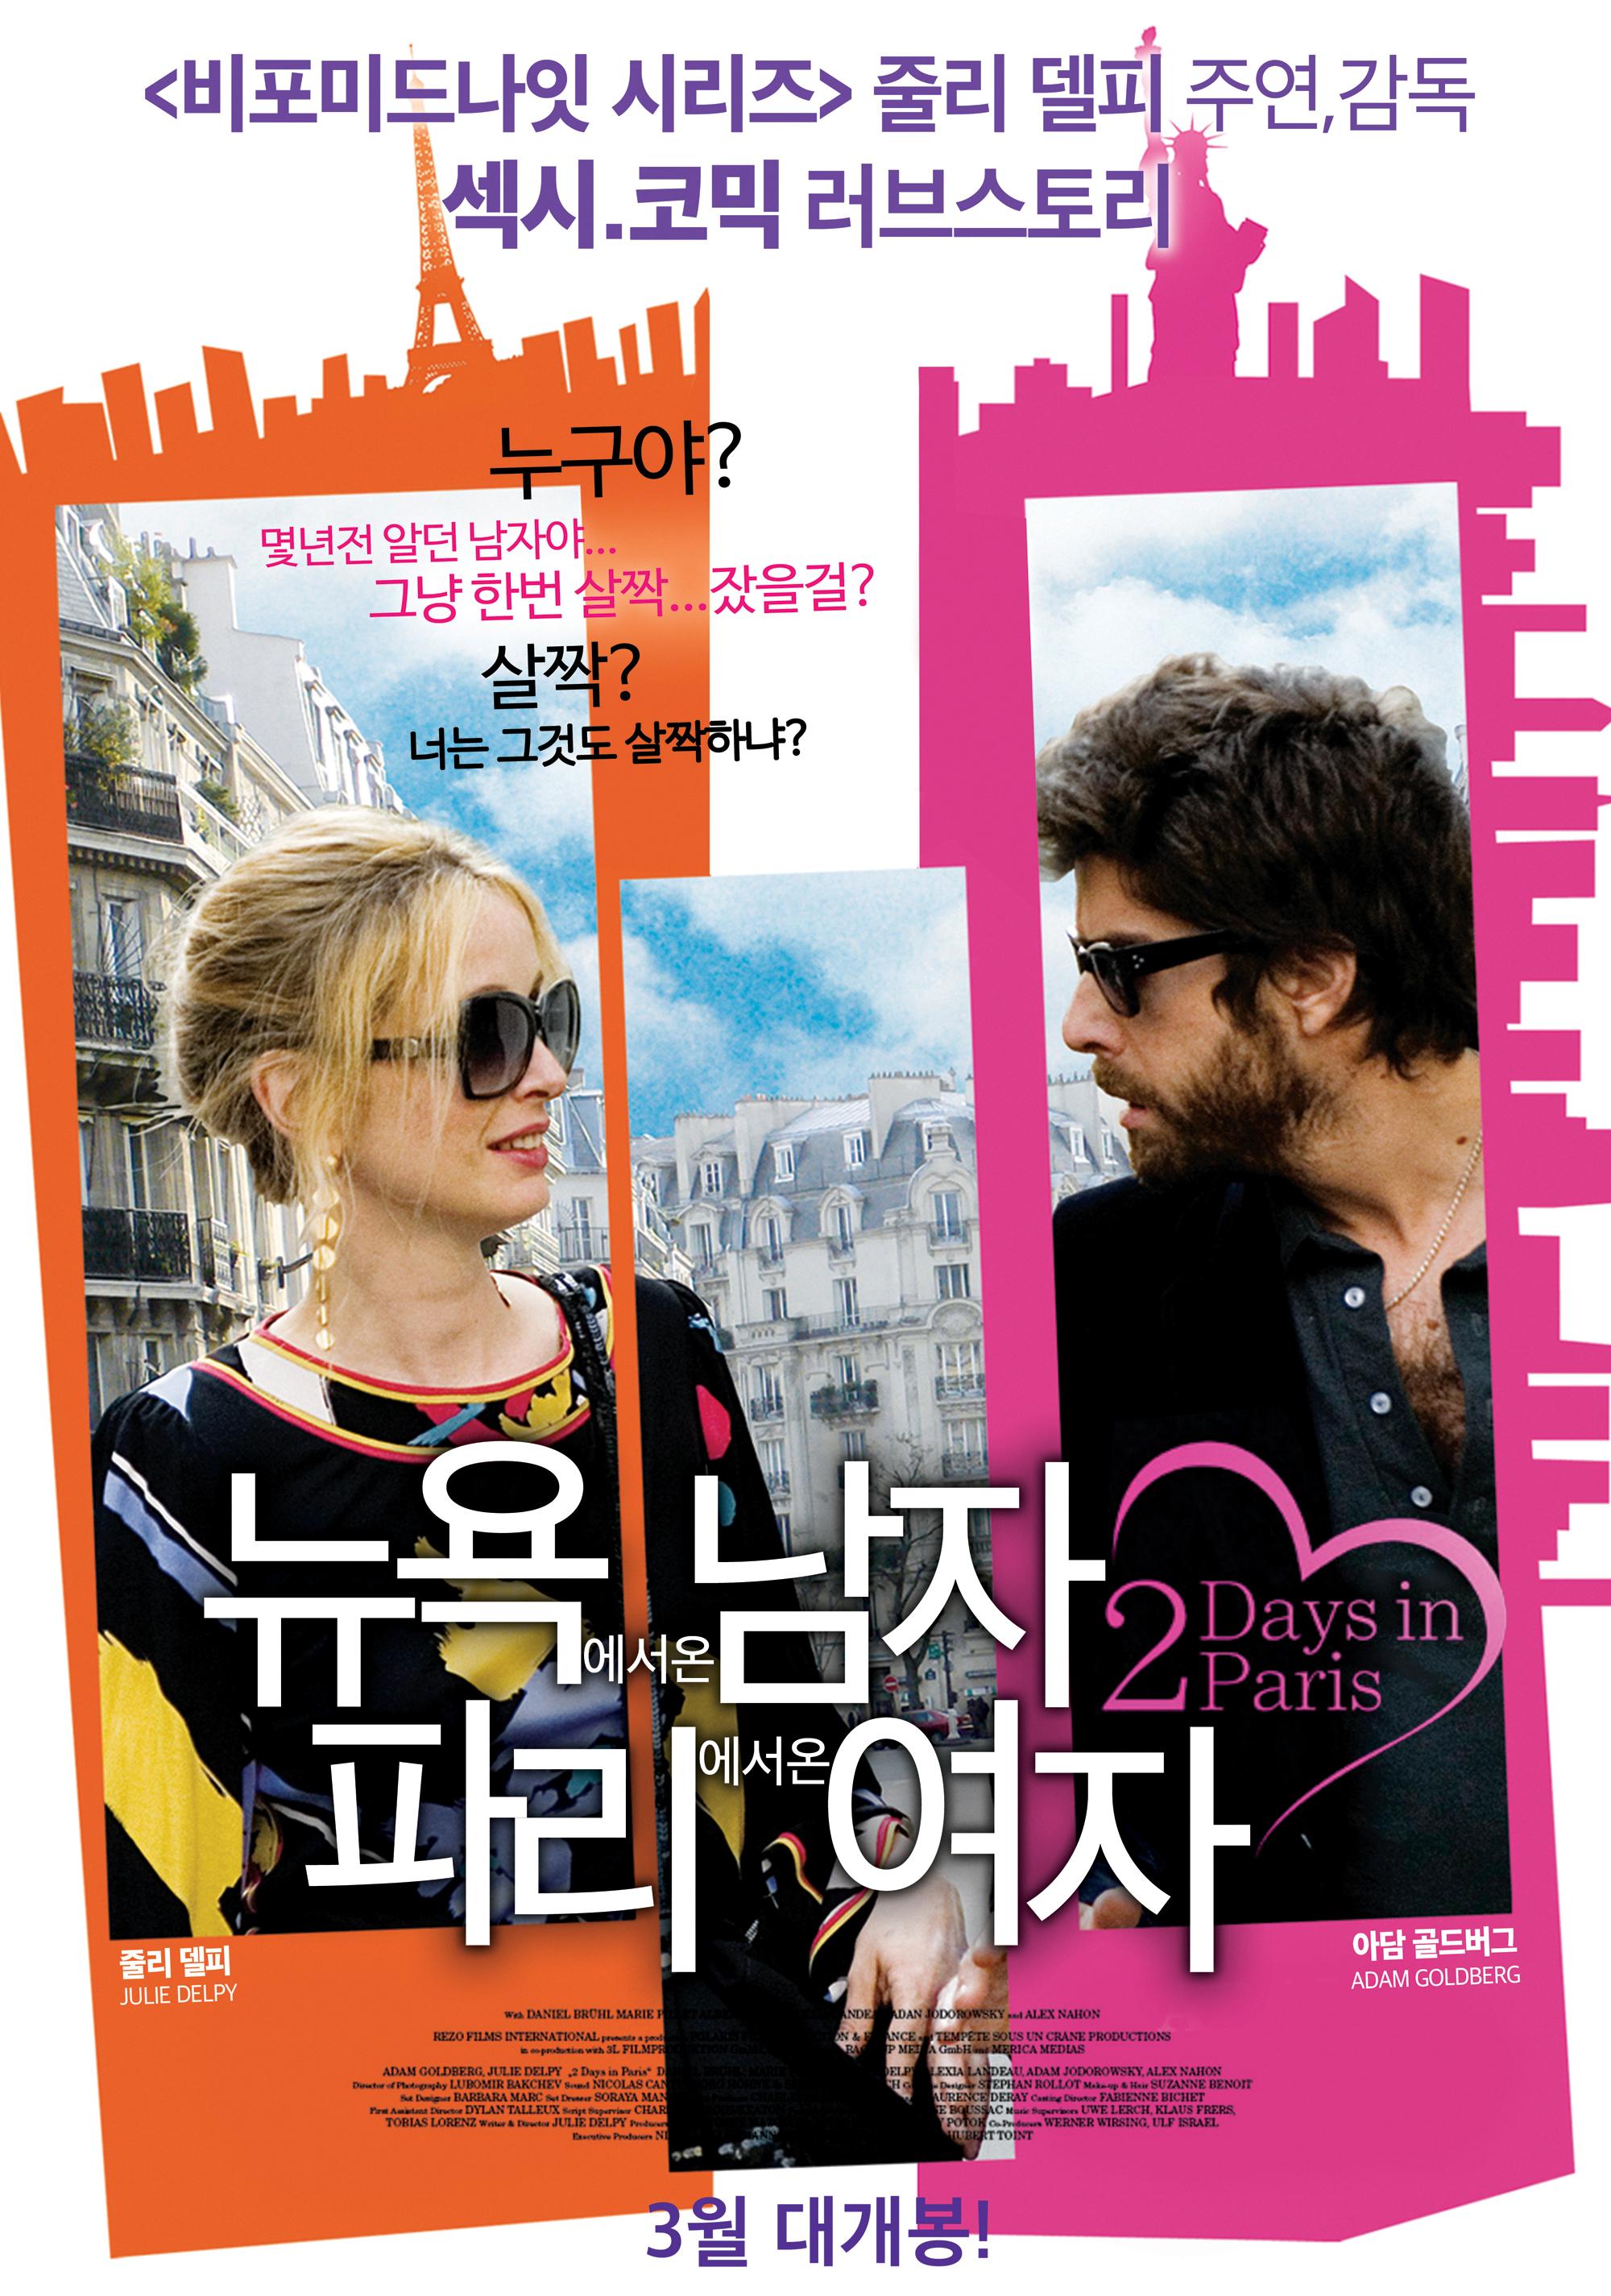 뉴욕에서 온 남자, 파리에서 온 여자